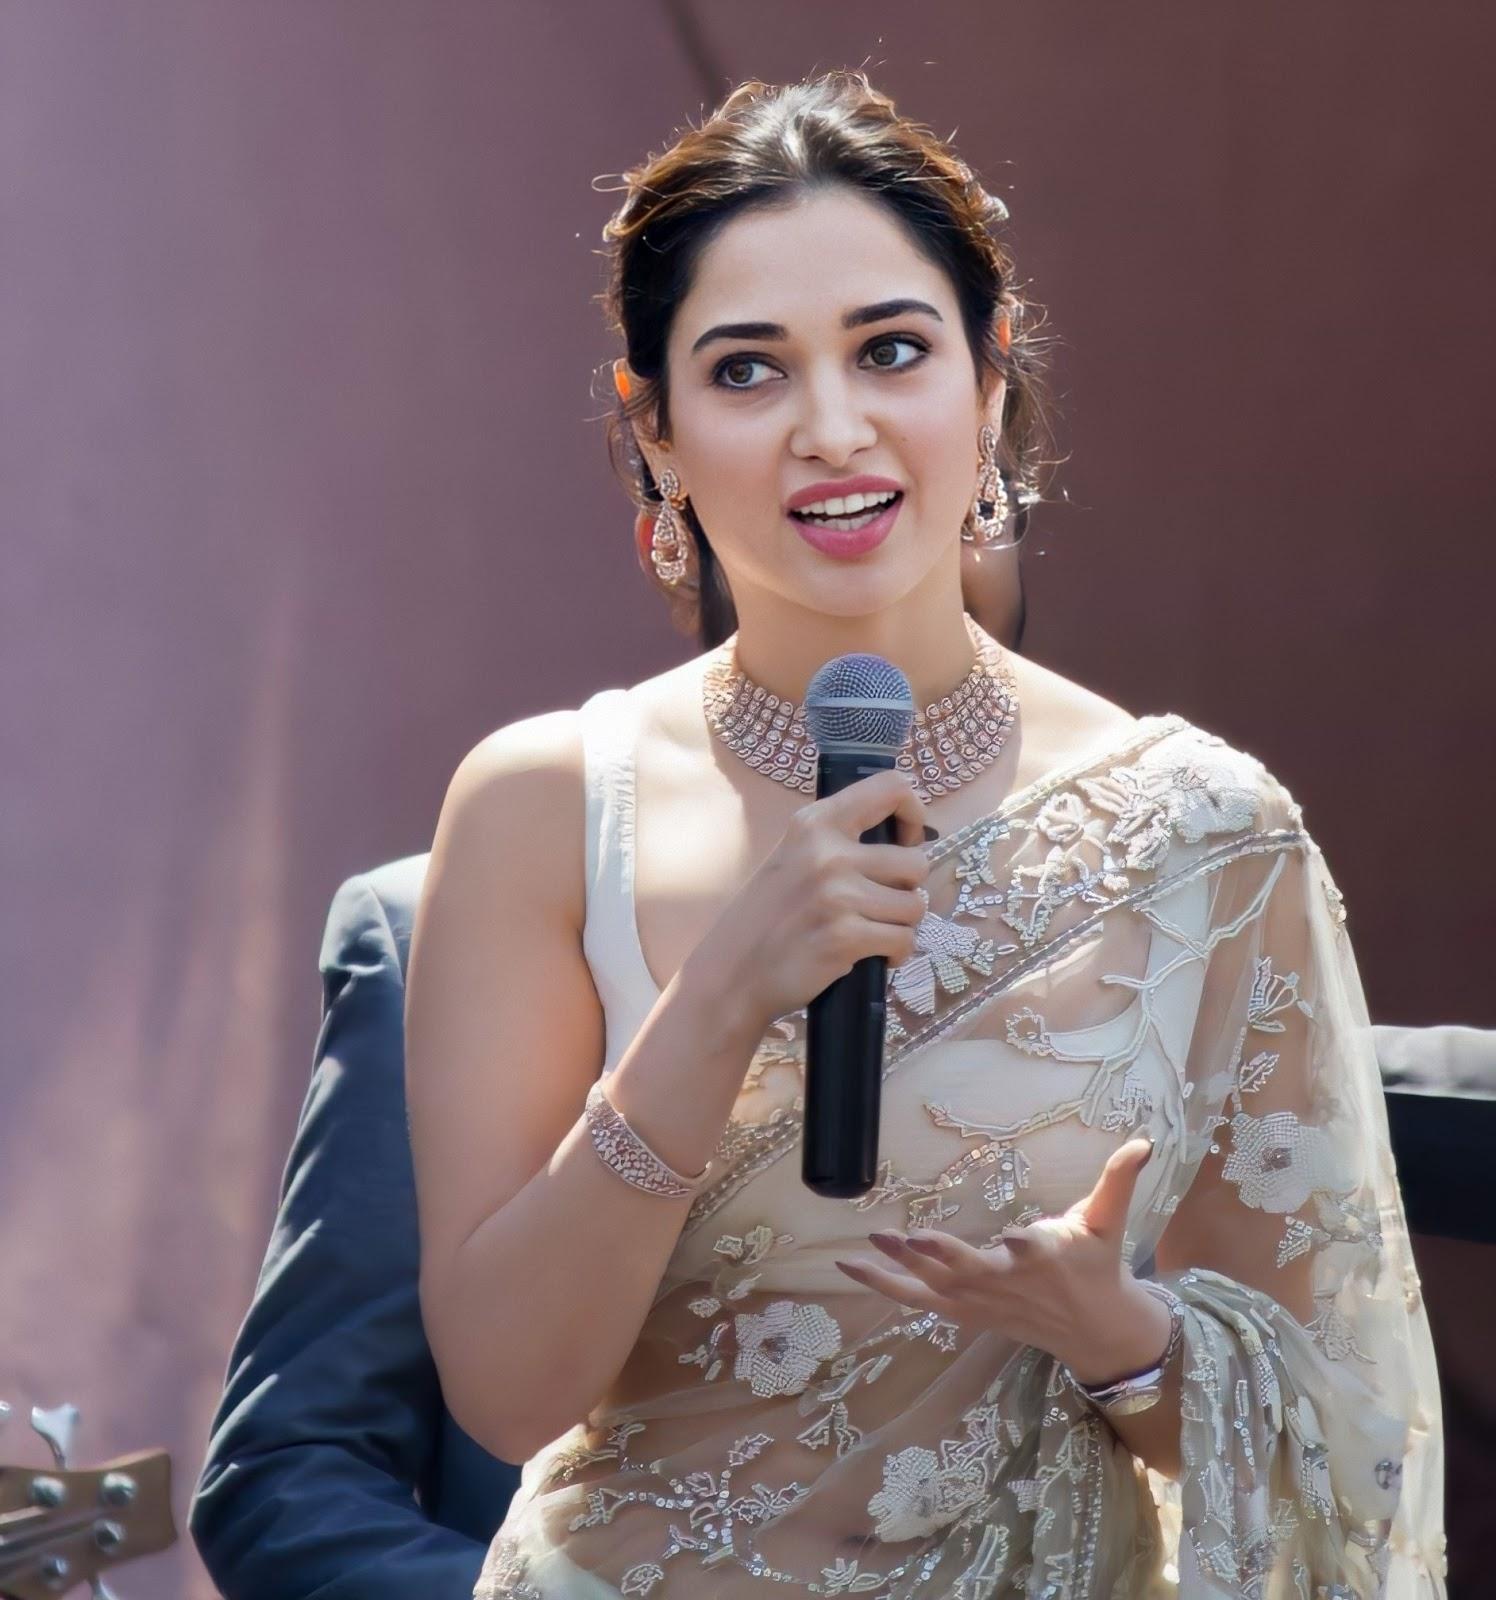 Tamannaah Bhatia sexy in transparent saree - Tamanna Bhatia foto (43404208)  - fanpop - Page 3